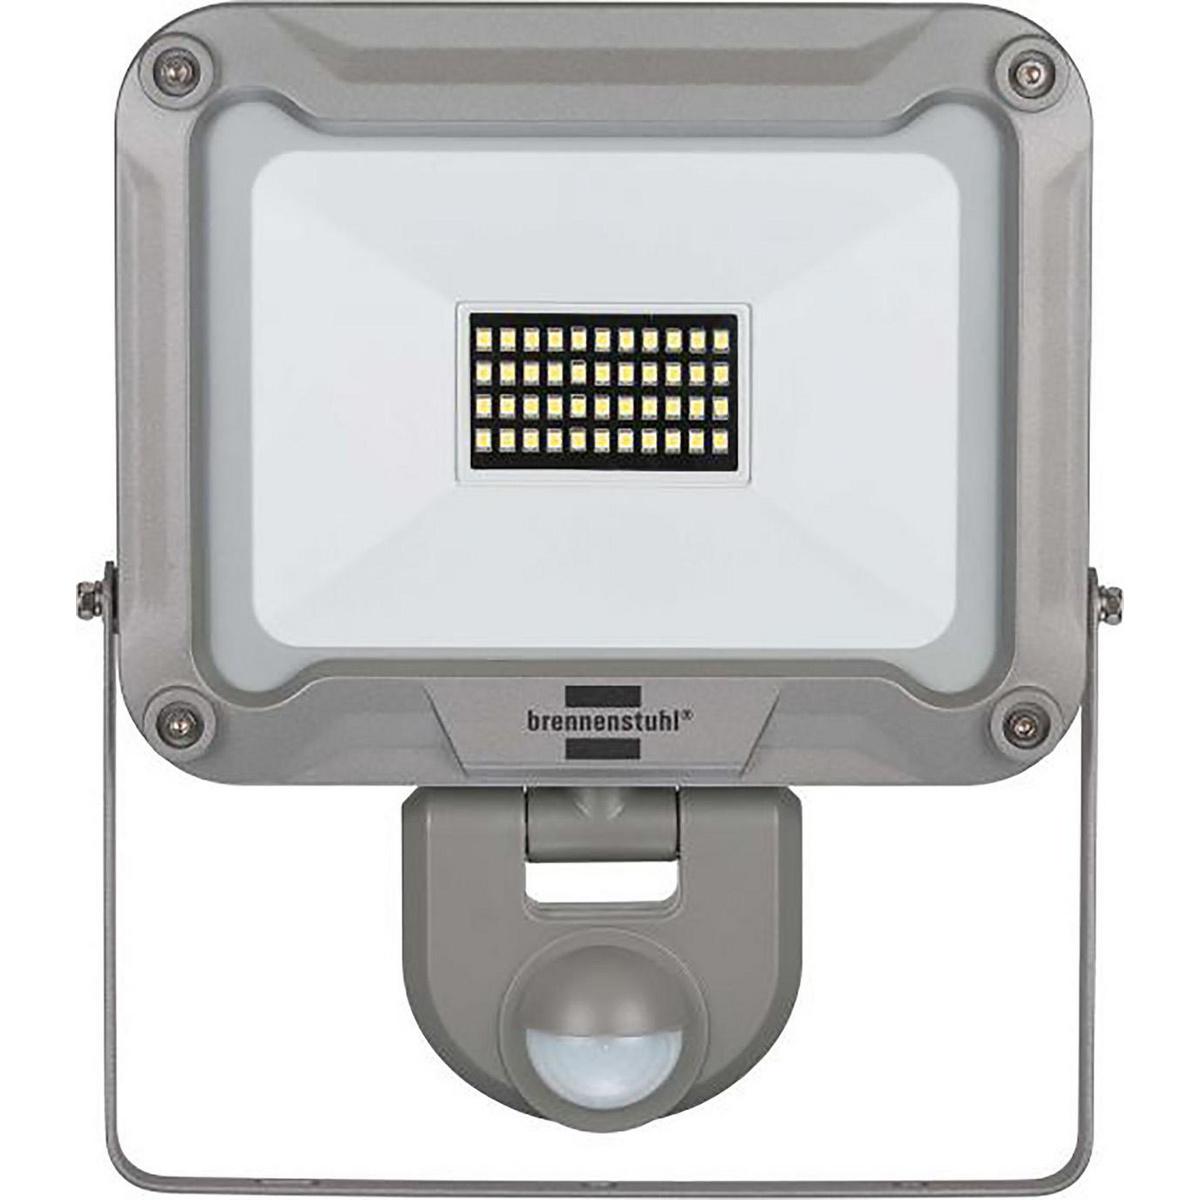 Geeignet für Innen- und Außenaufstellung, IP 44. Leistungsstarke 50-WLED-Lampe mit Chip zur Wandmontage, mit extra breiter Lichtverteilung zur Beleuchtung einer großen Fläche. Ideal für Bastler, Werkstätten und Baustellen. Automatische Beleuchtung von Hau